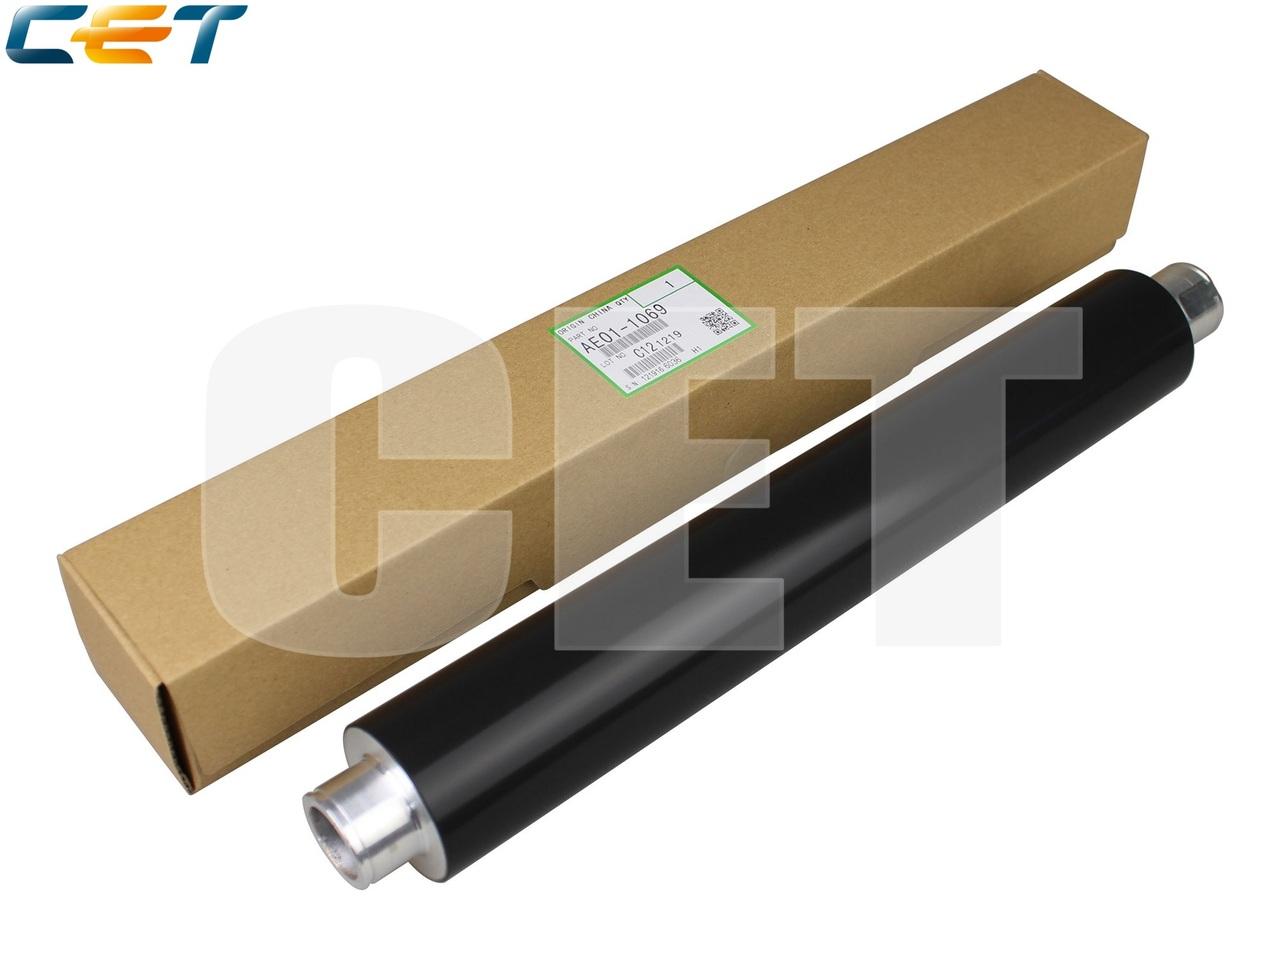 Тефлоновый вал (Long Life) AE01-1069 для RICOH Aficio1060/1075 (CET), CET6036